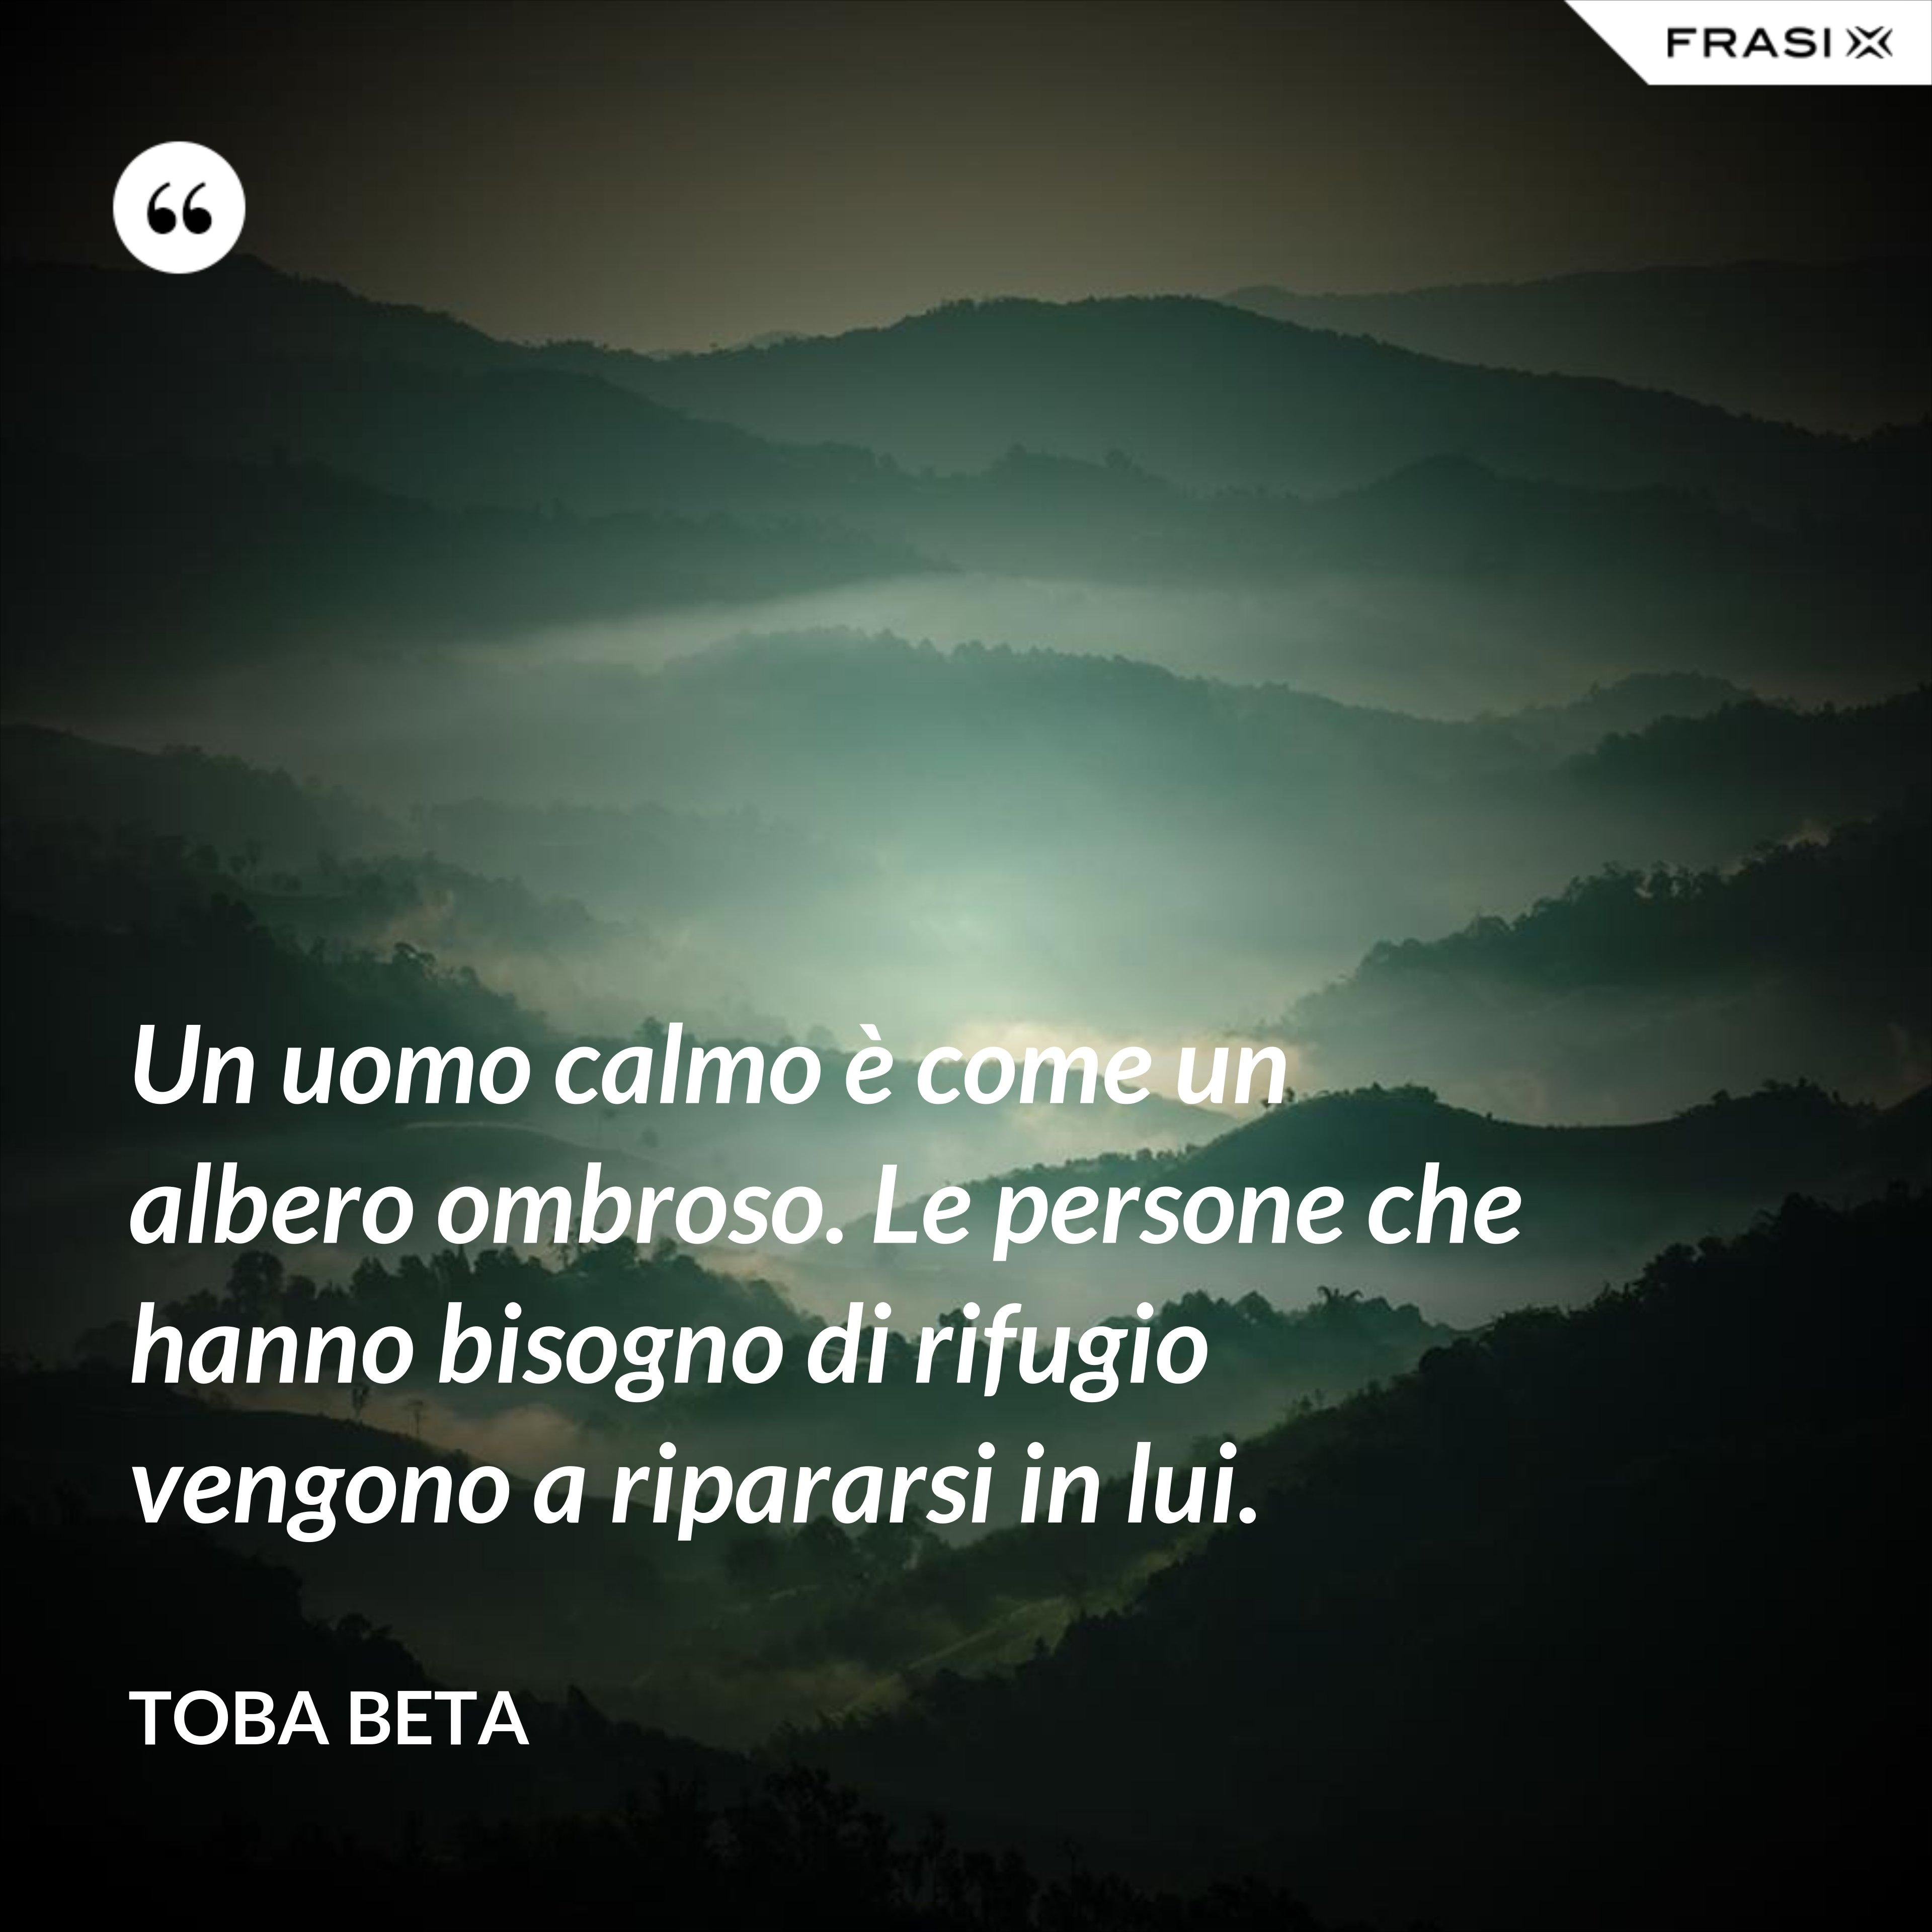 Un uomo calmo è come un albero ombroso. Le persone che hanno bisogno di rifugio vengono a ripararsi in lui. - Toba Beta